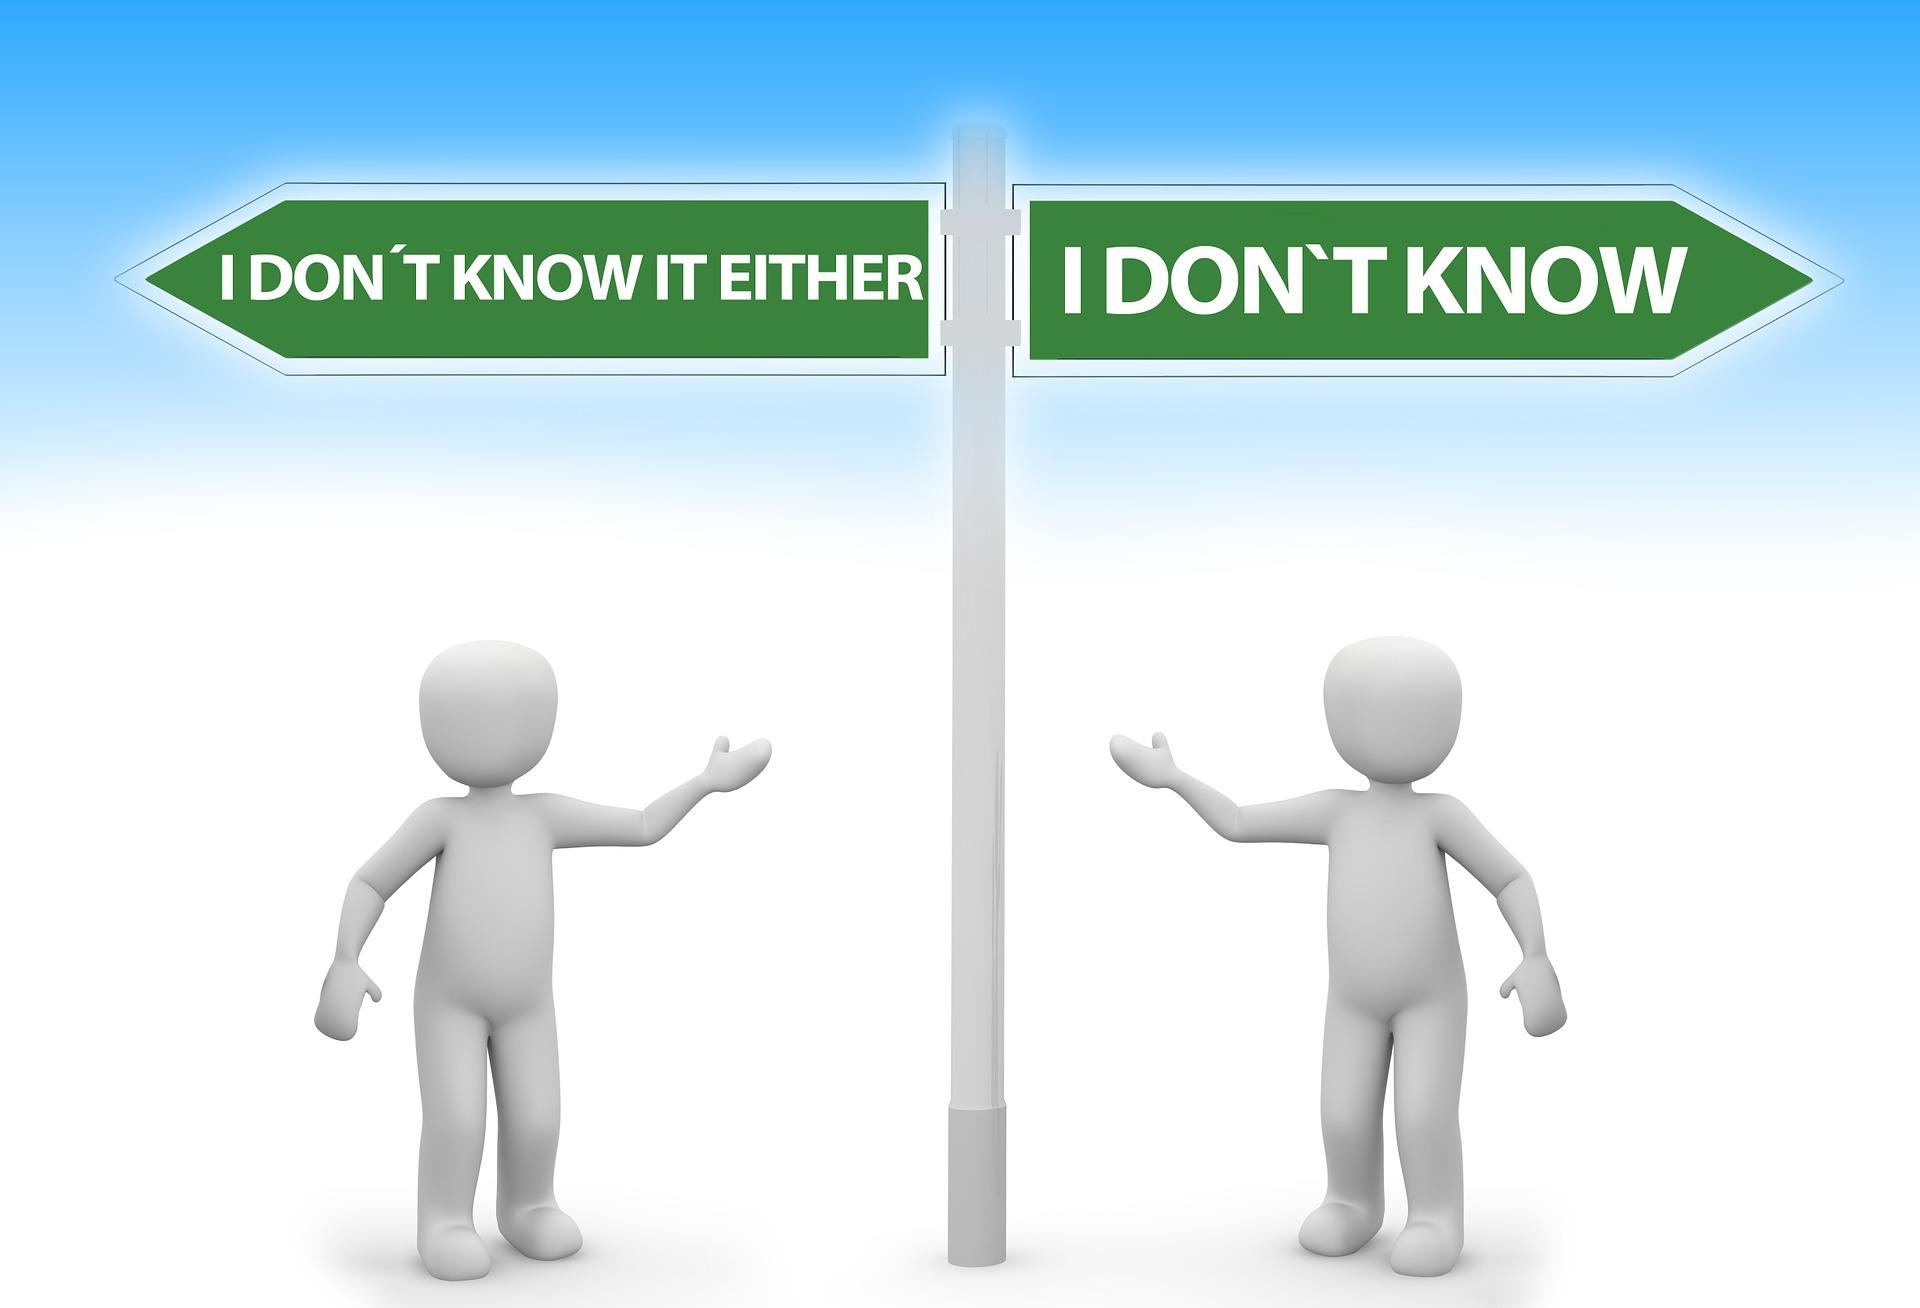 Hoe neem ik besluiten? Ik kan moeili